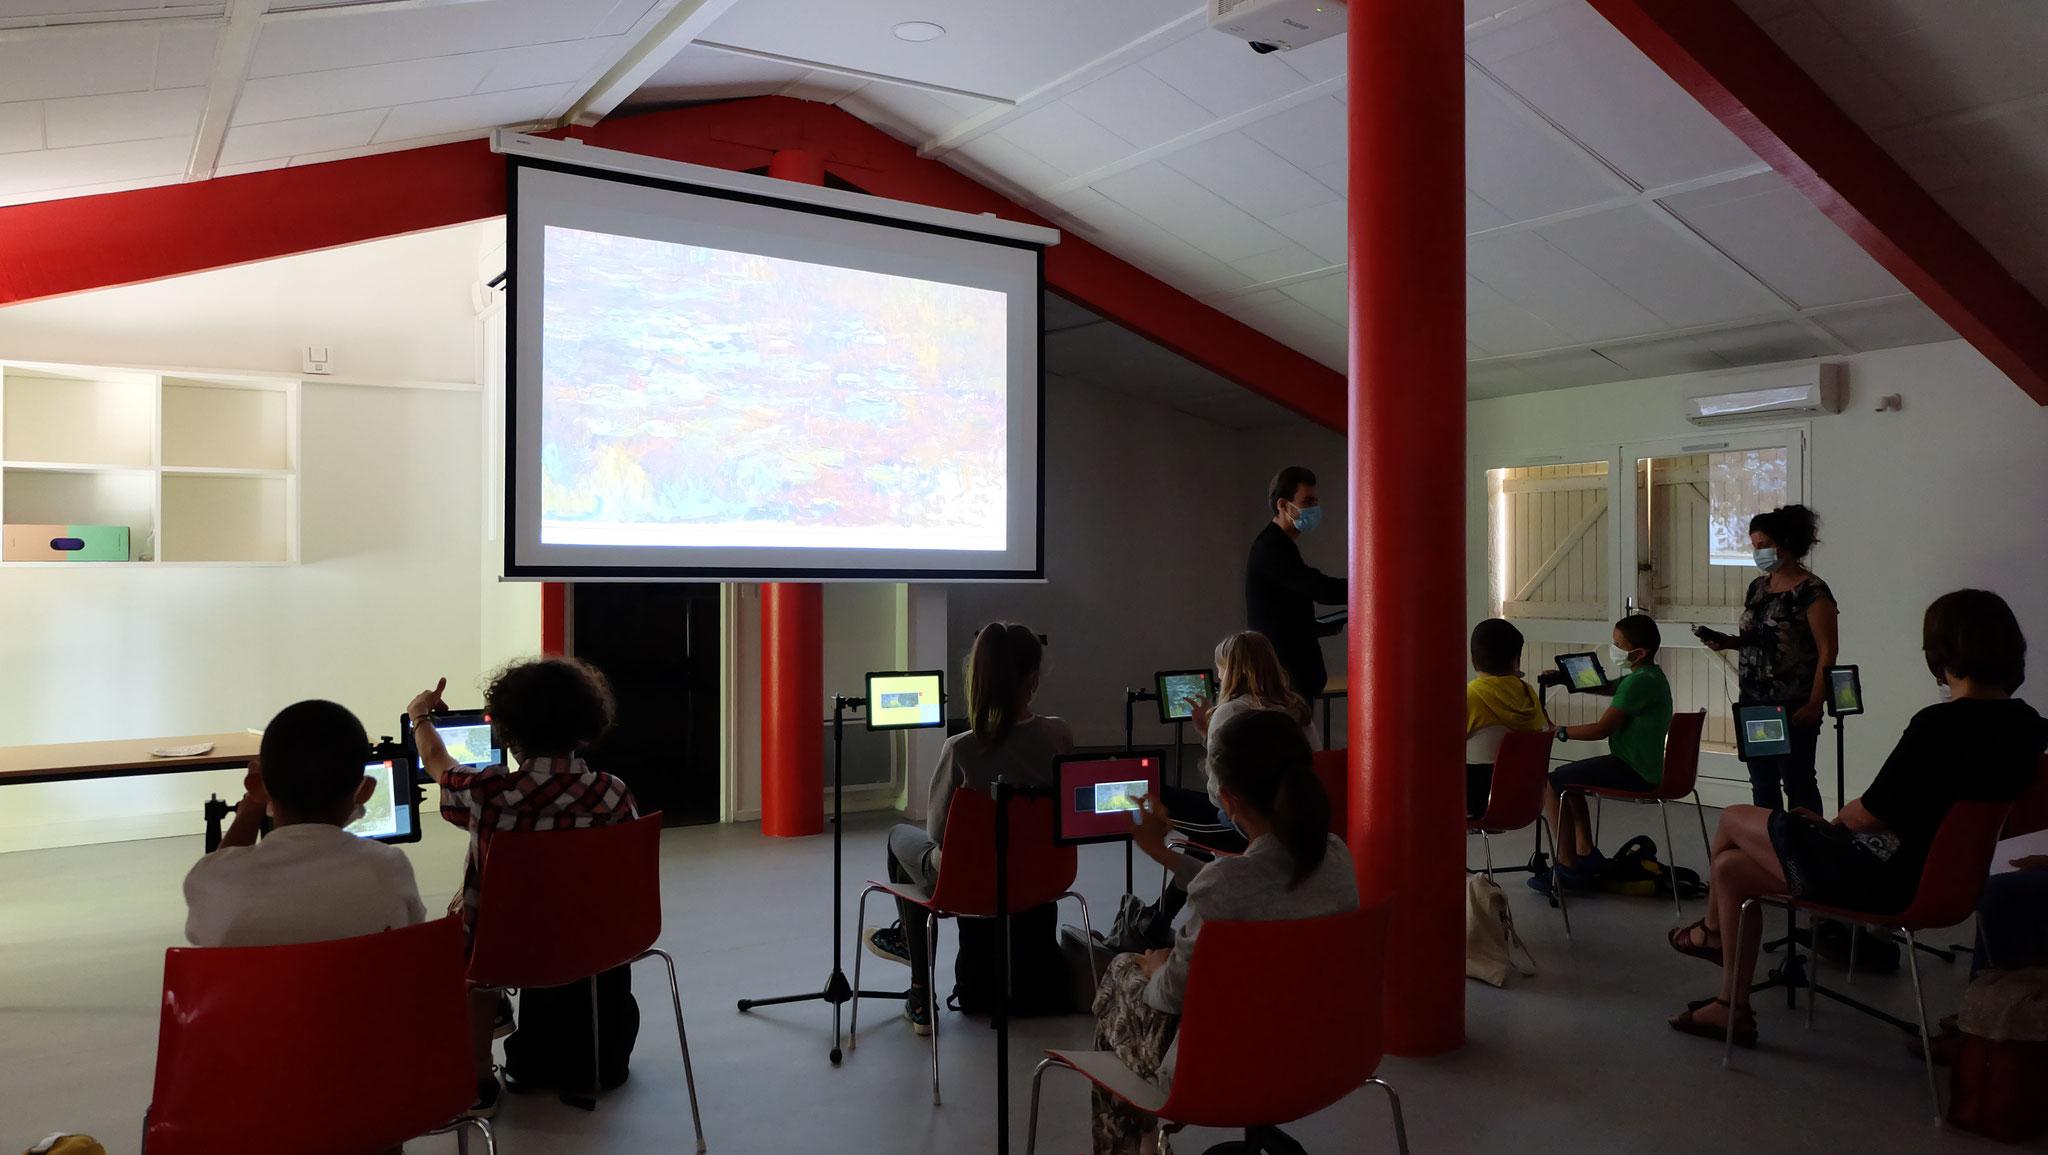 à la Micro-Folie de Sarrant par la visite virtuelle de musées, la projection de films anciens...